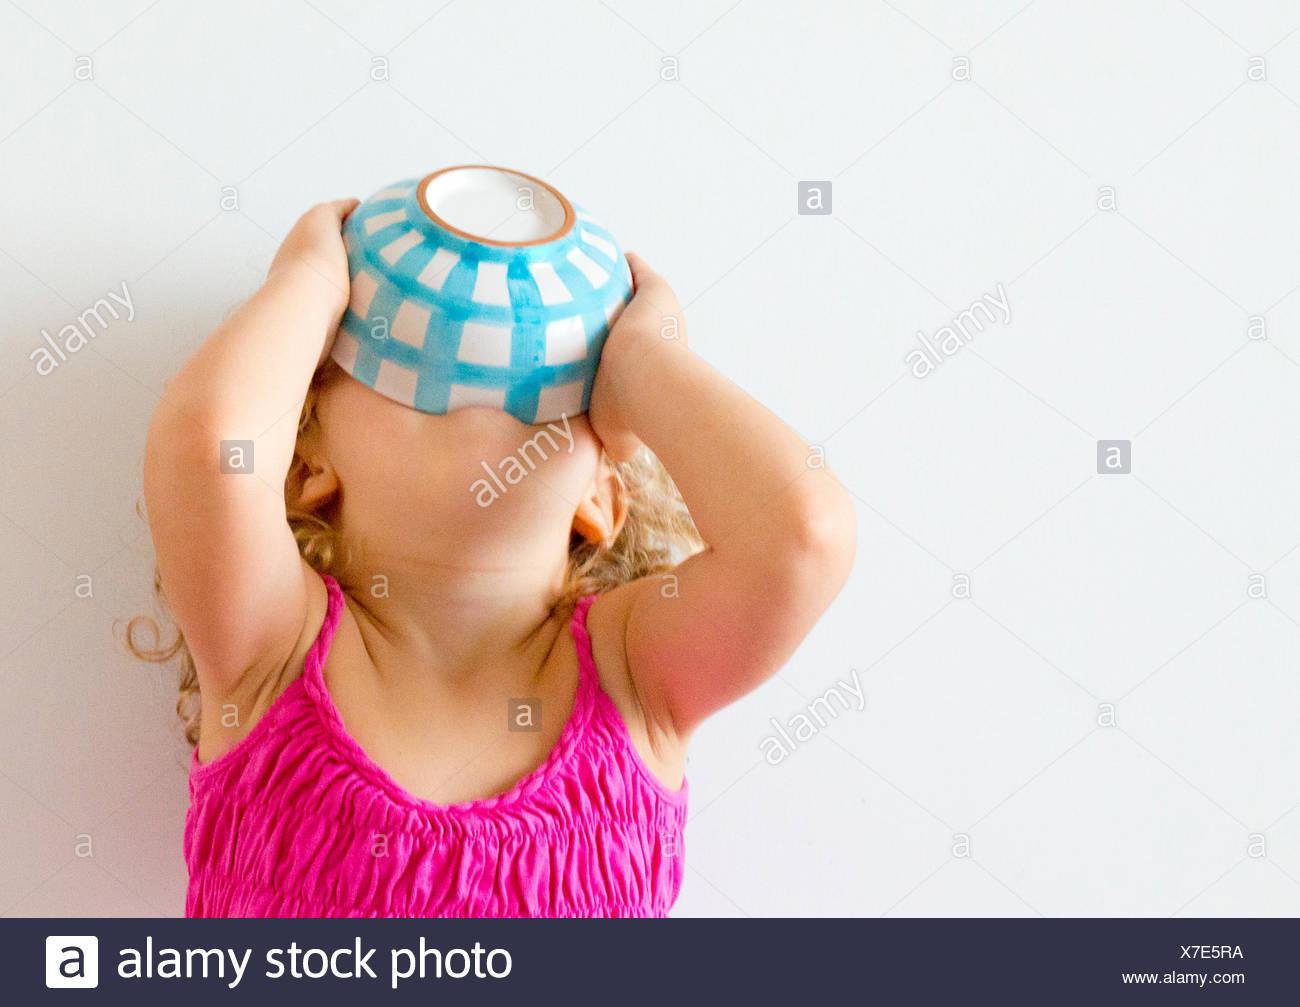 Fille avec tête en arrière maintenant bol de céréales à sa bouche Photo Stock